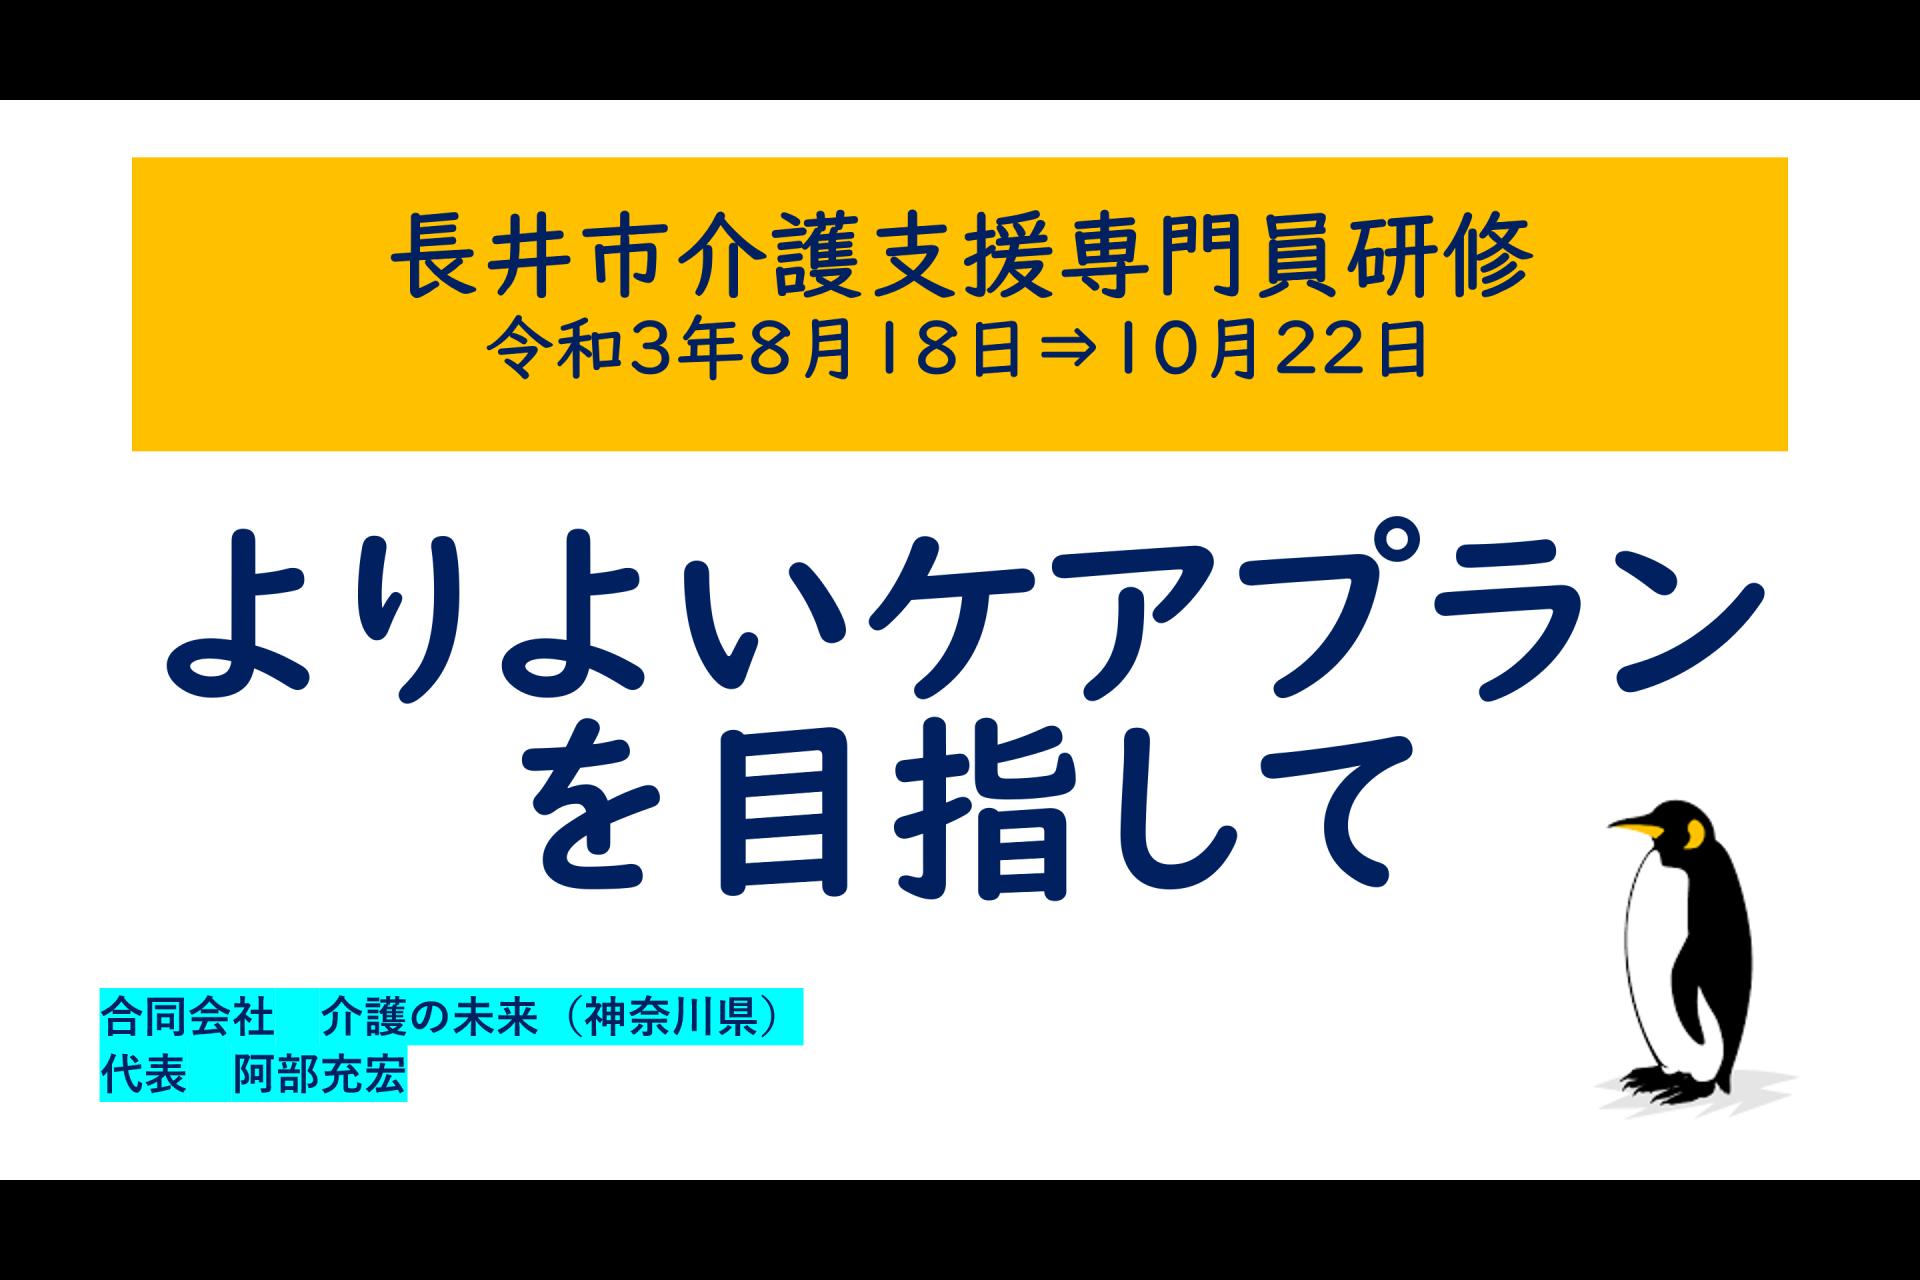 【 510 】  長井市(山形県)の研修準備(ほぼ)OKです